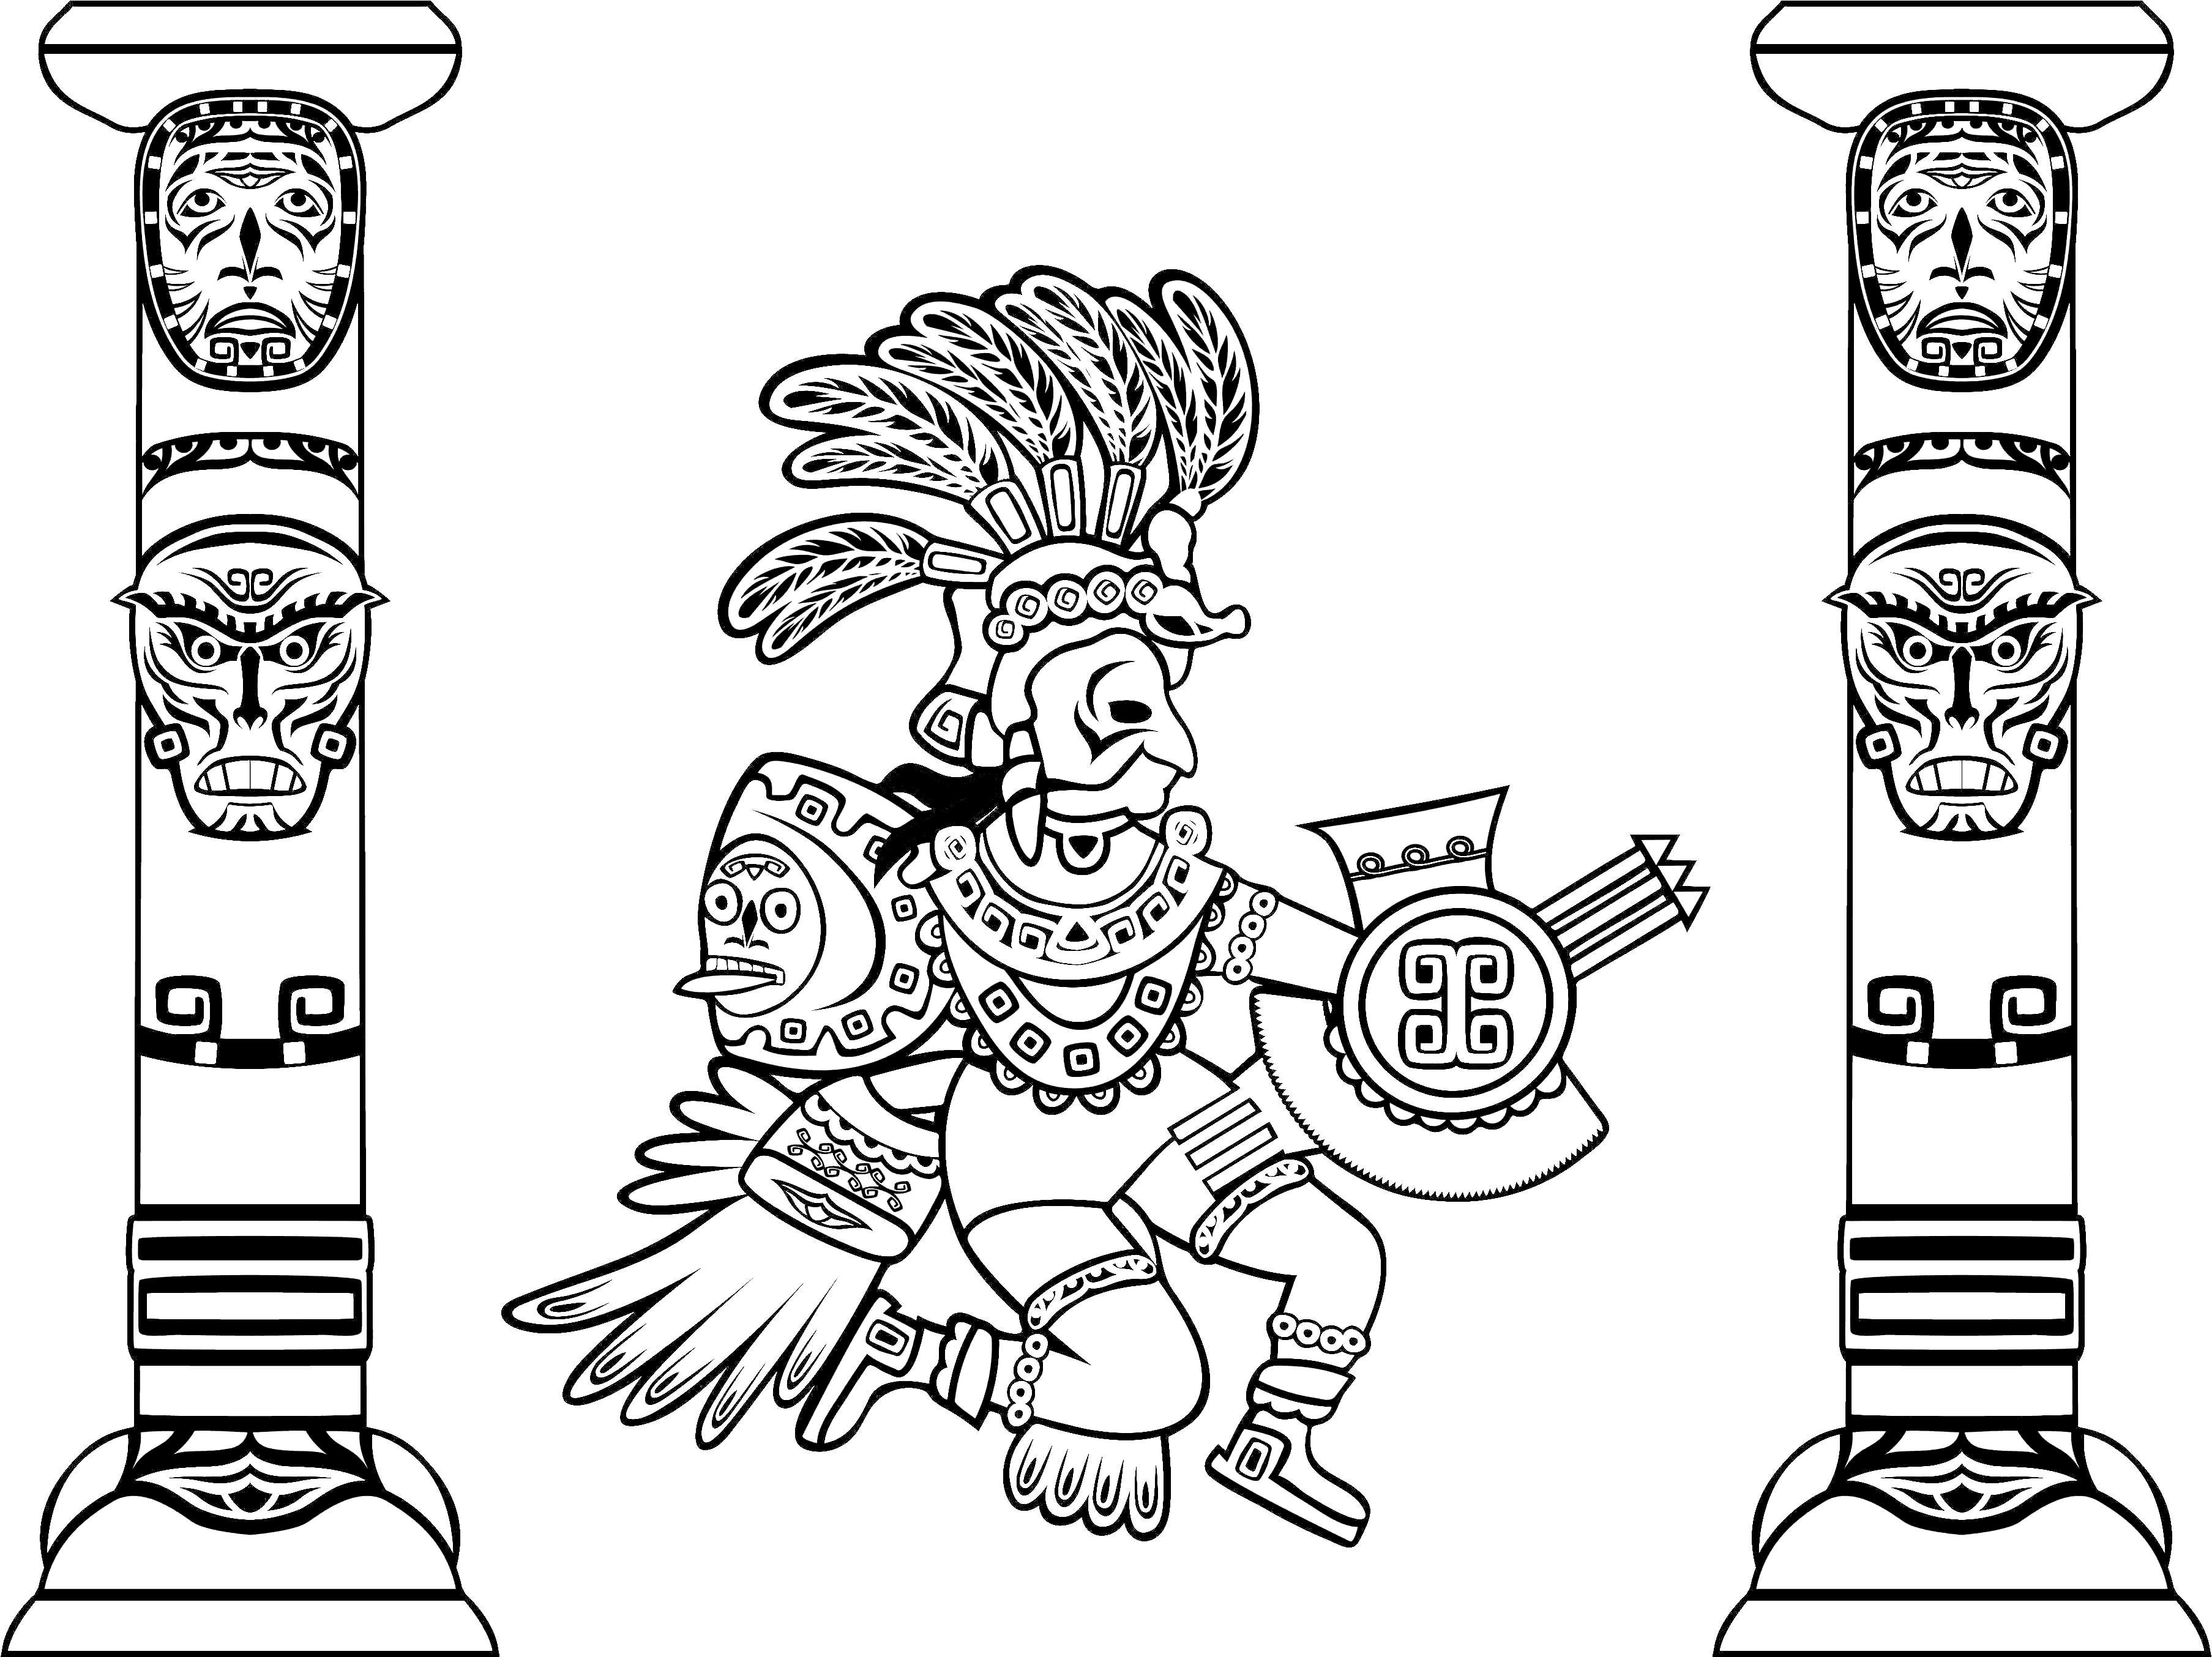 Mayas aztecas e incas 47047 - Mayas, Aztecas e Incas - Colorear para ...